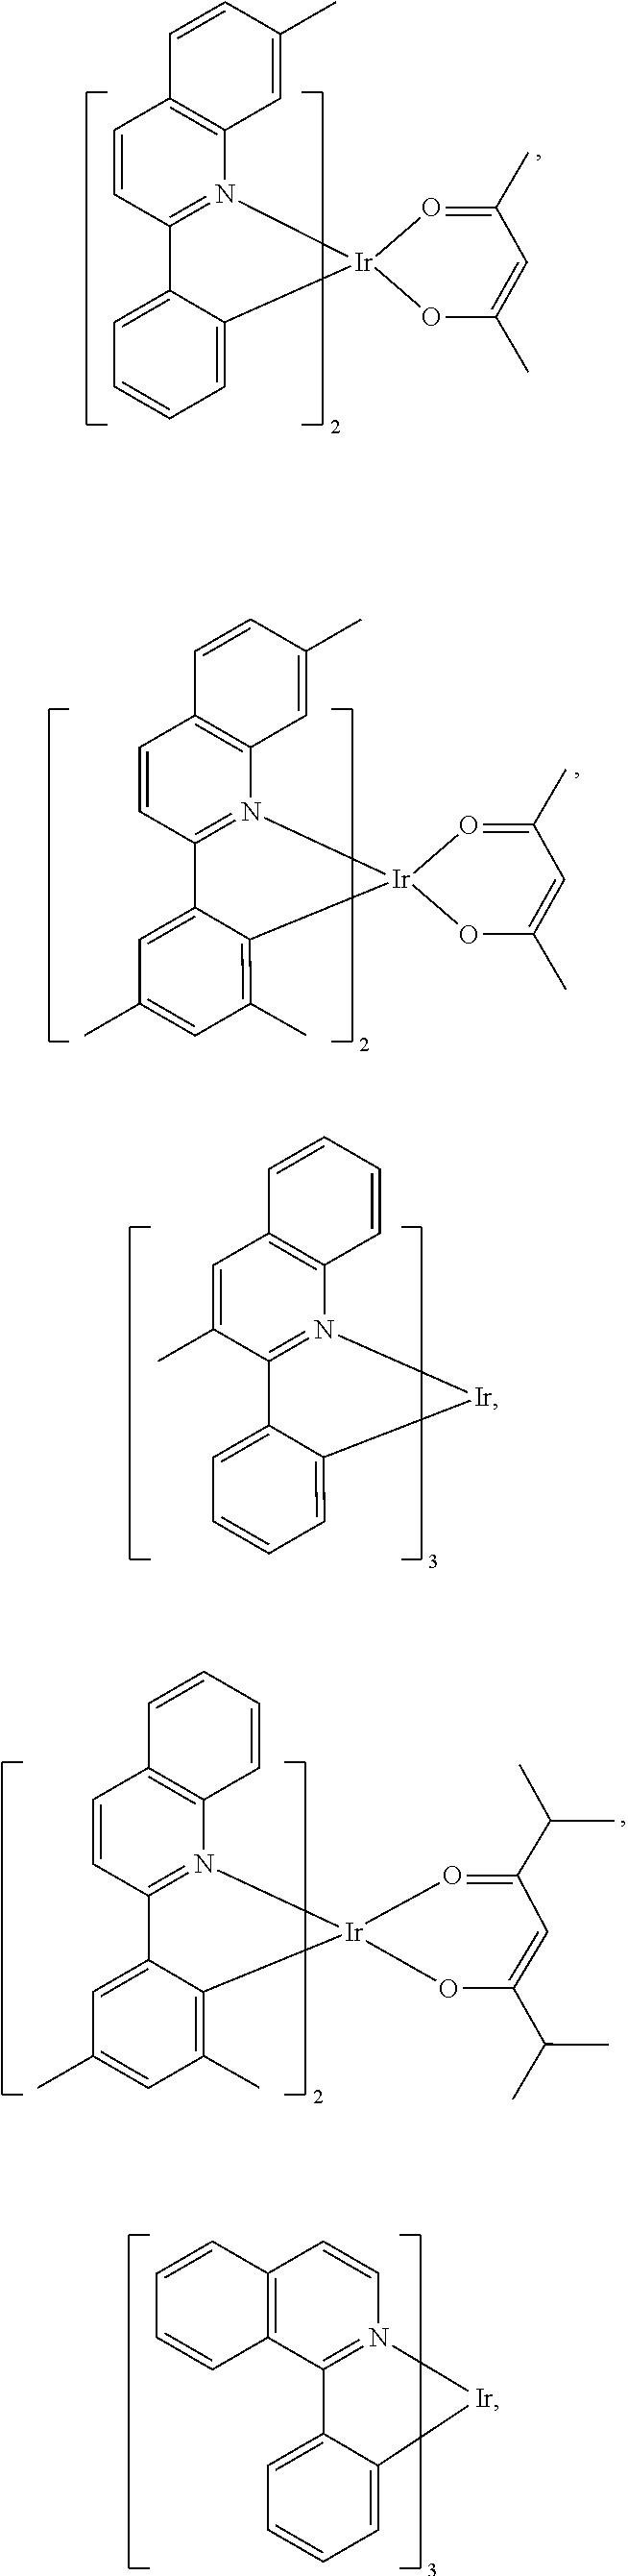 Figure US09859510-20180102-C00070